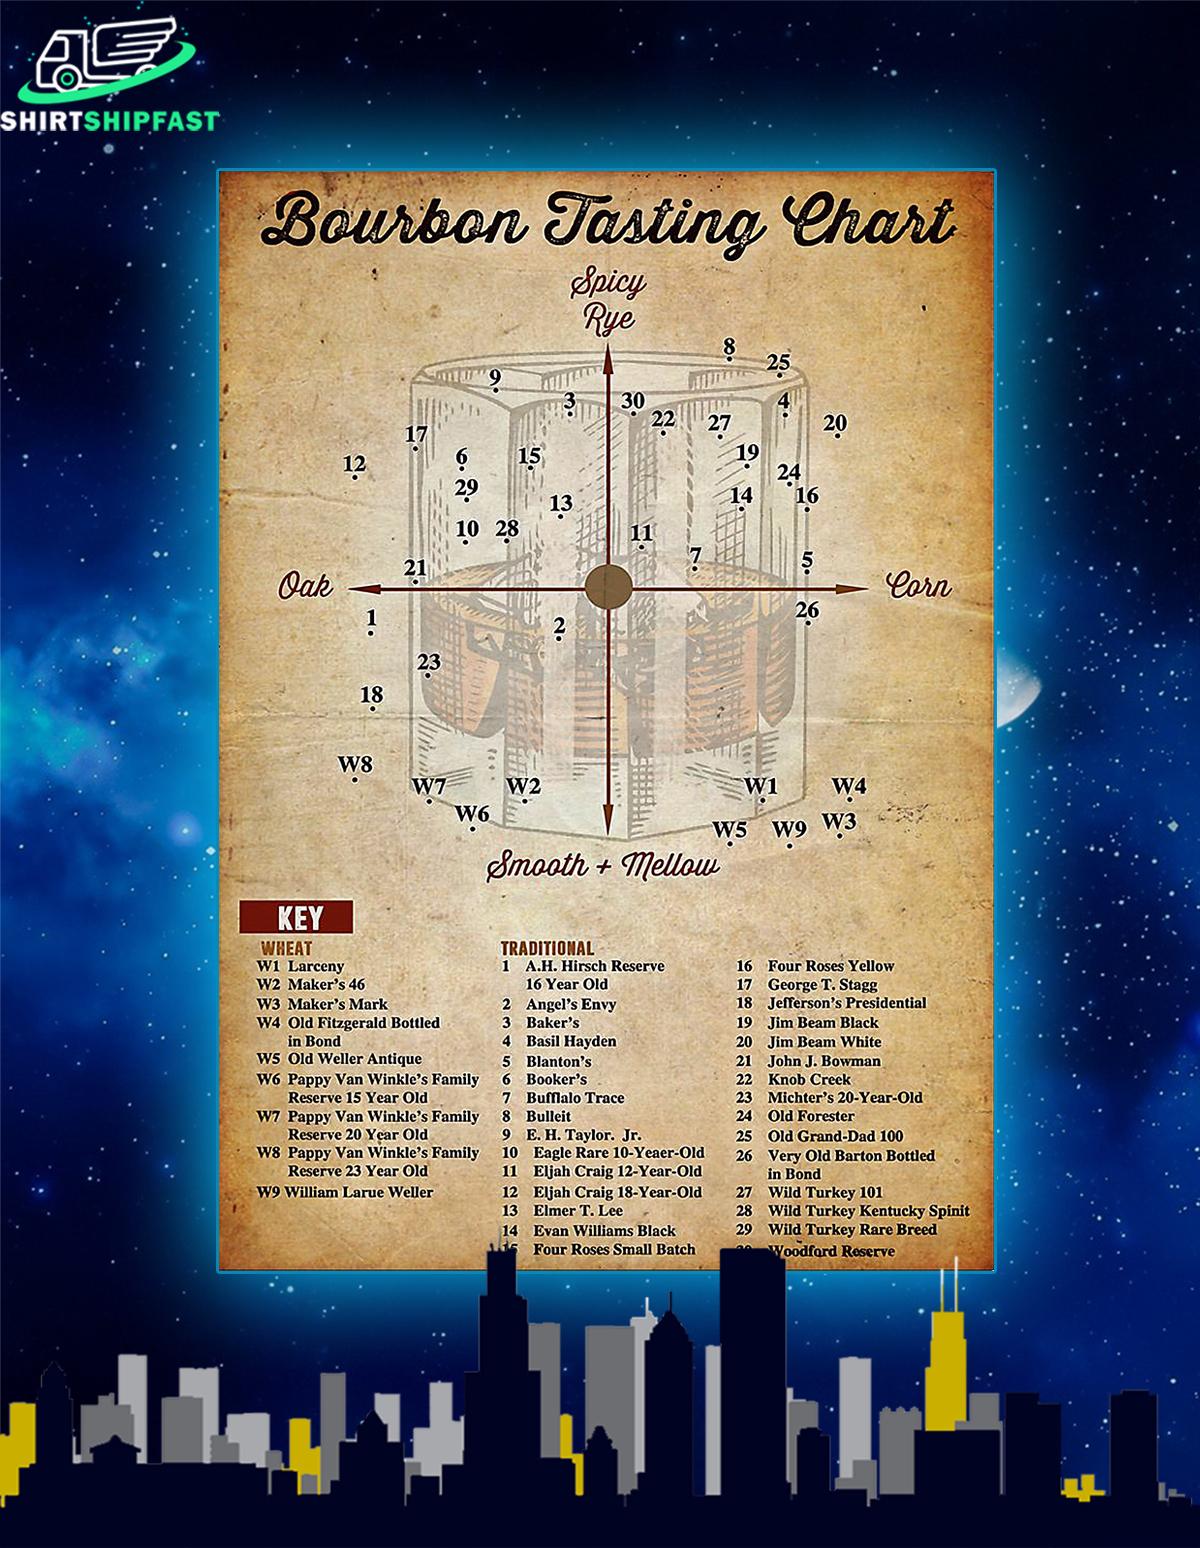 Bourbon tasting chart poster